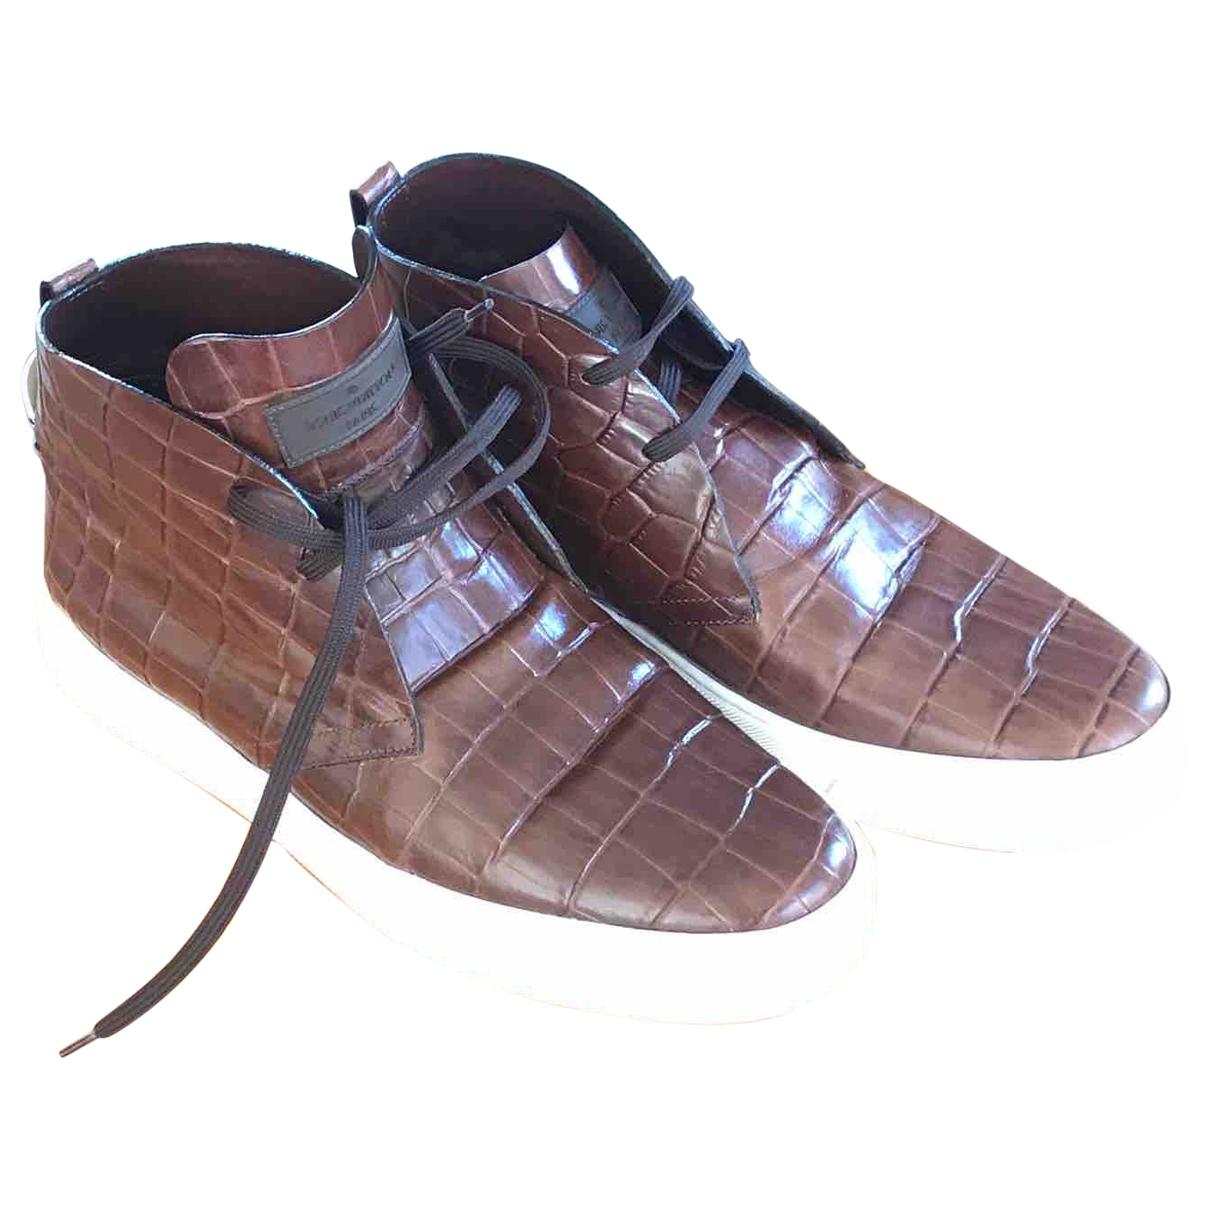 Louis Vuitton - Baskets   pour homme en cuir - marron